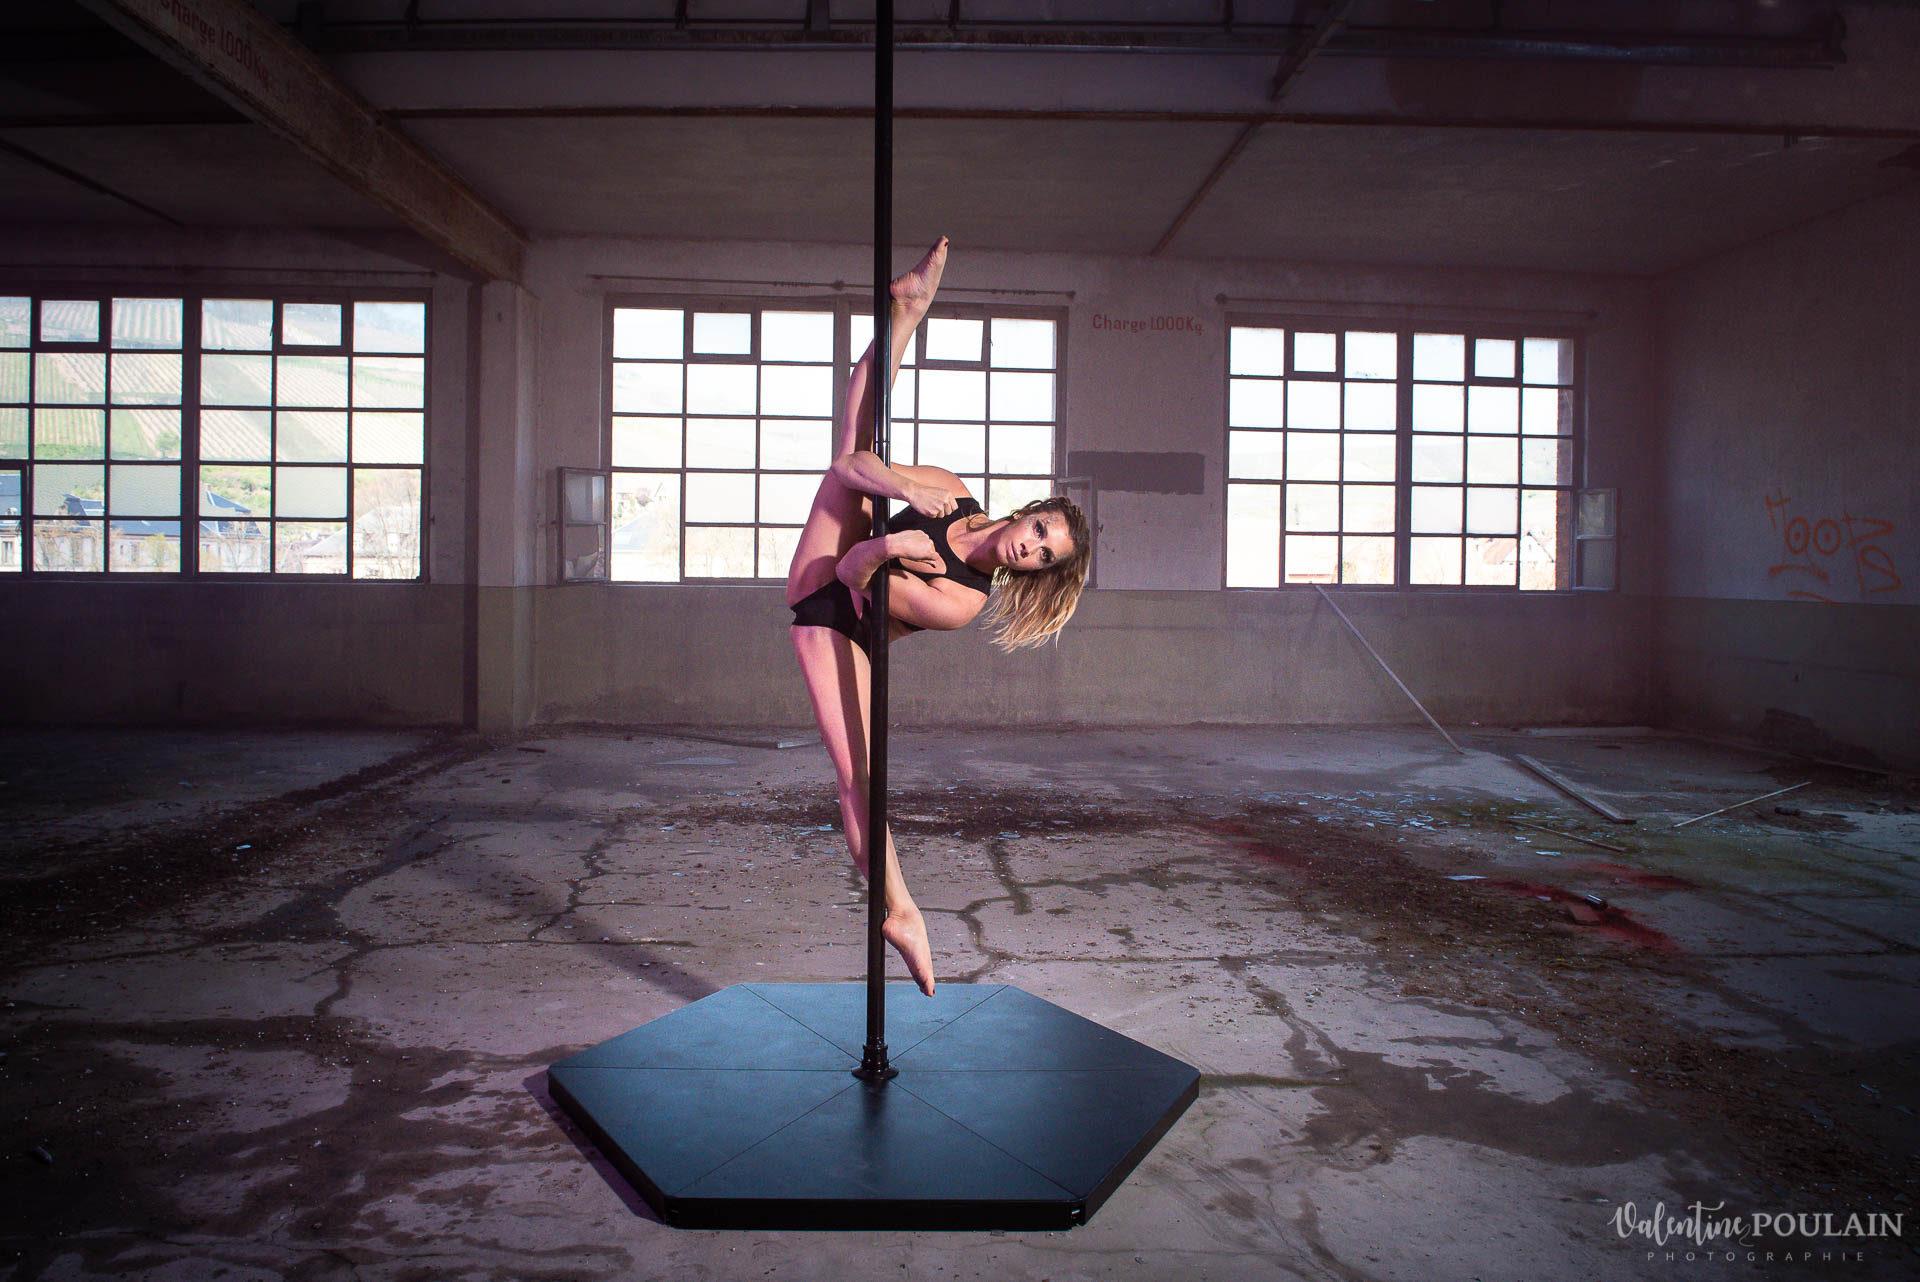 Shooting Pole Dance gymnastique - Valentine Poulain écart